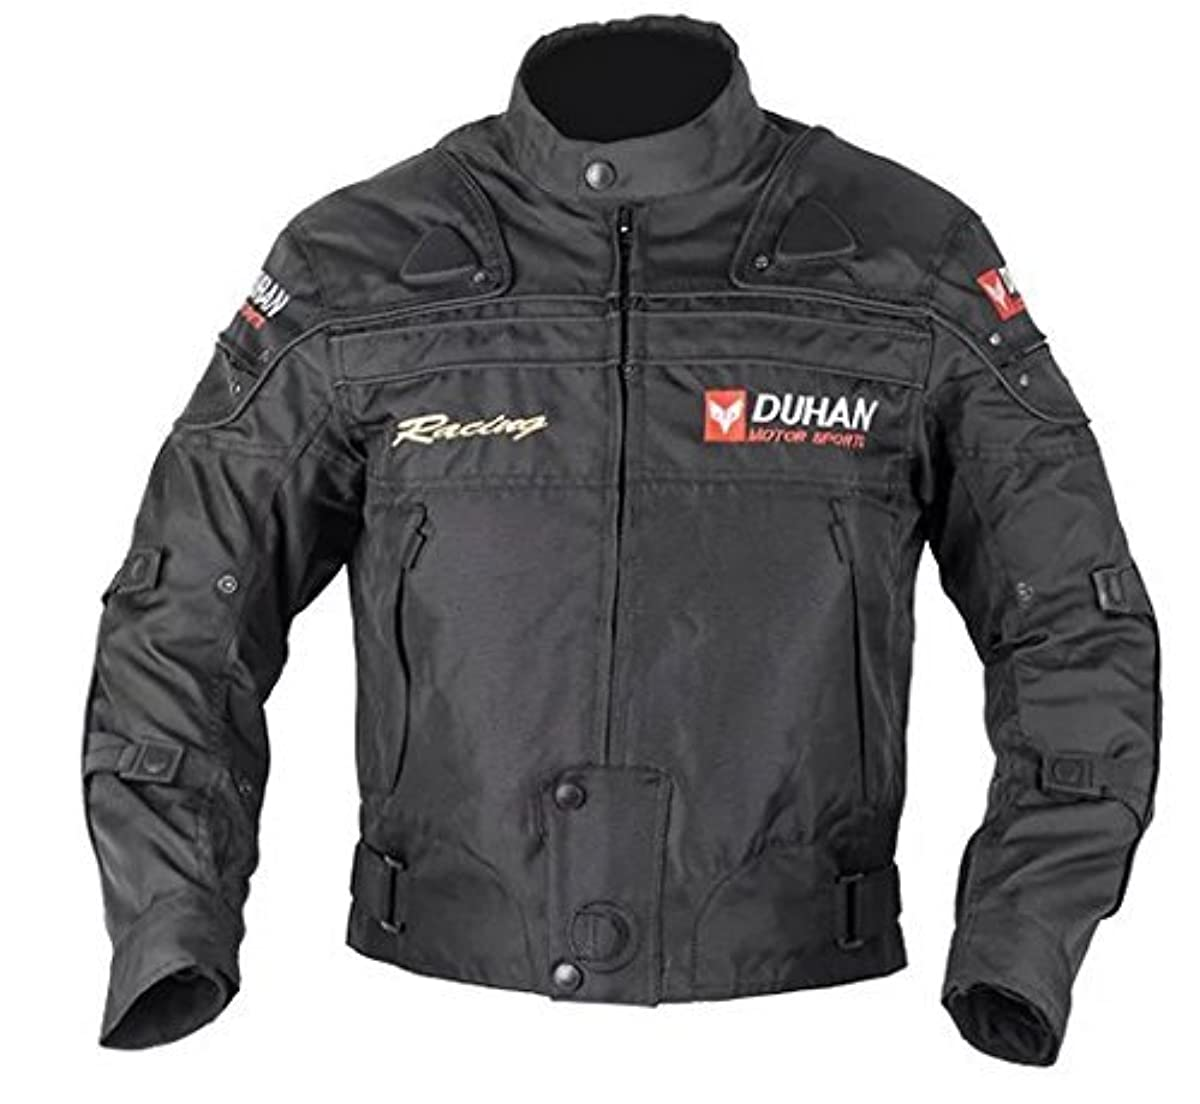 [해외] DUHAN(do 한) 오토바이 재킷 프로텍터부 라이딩 재킷 L 검정 4계절용 춘여름 가을동용 905402